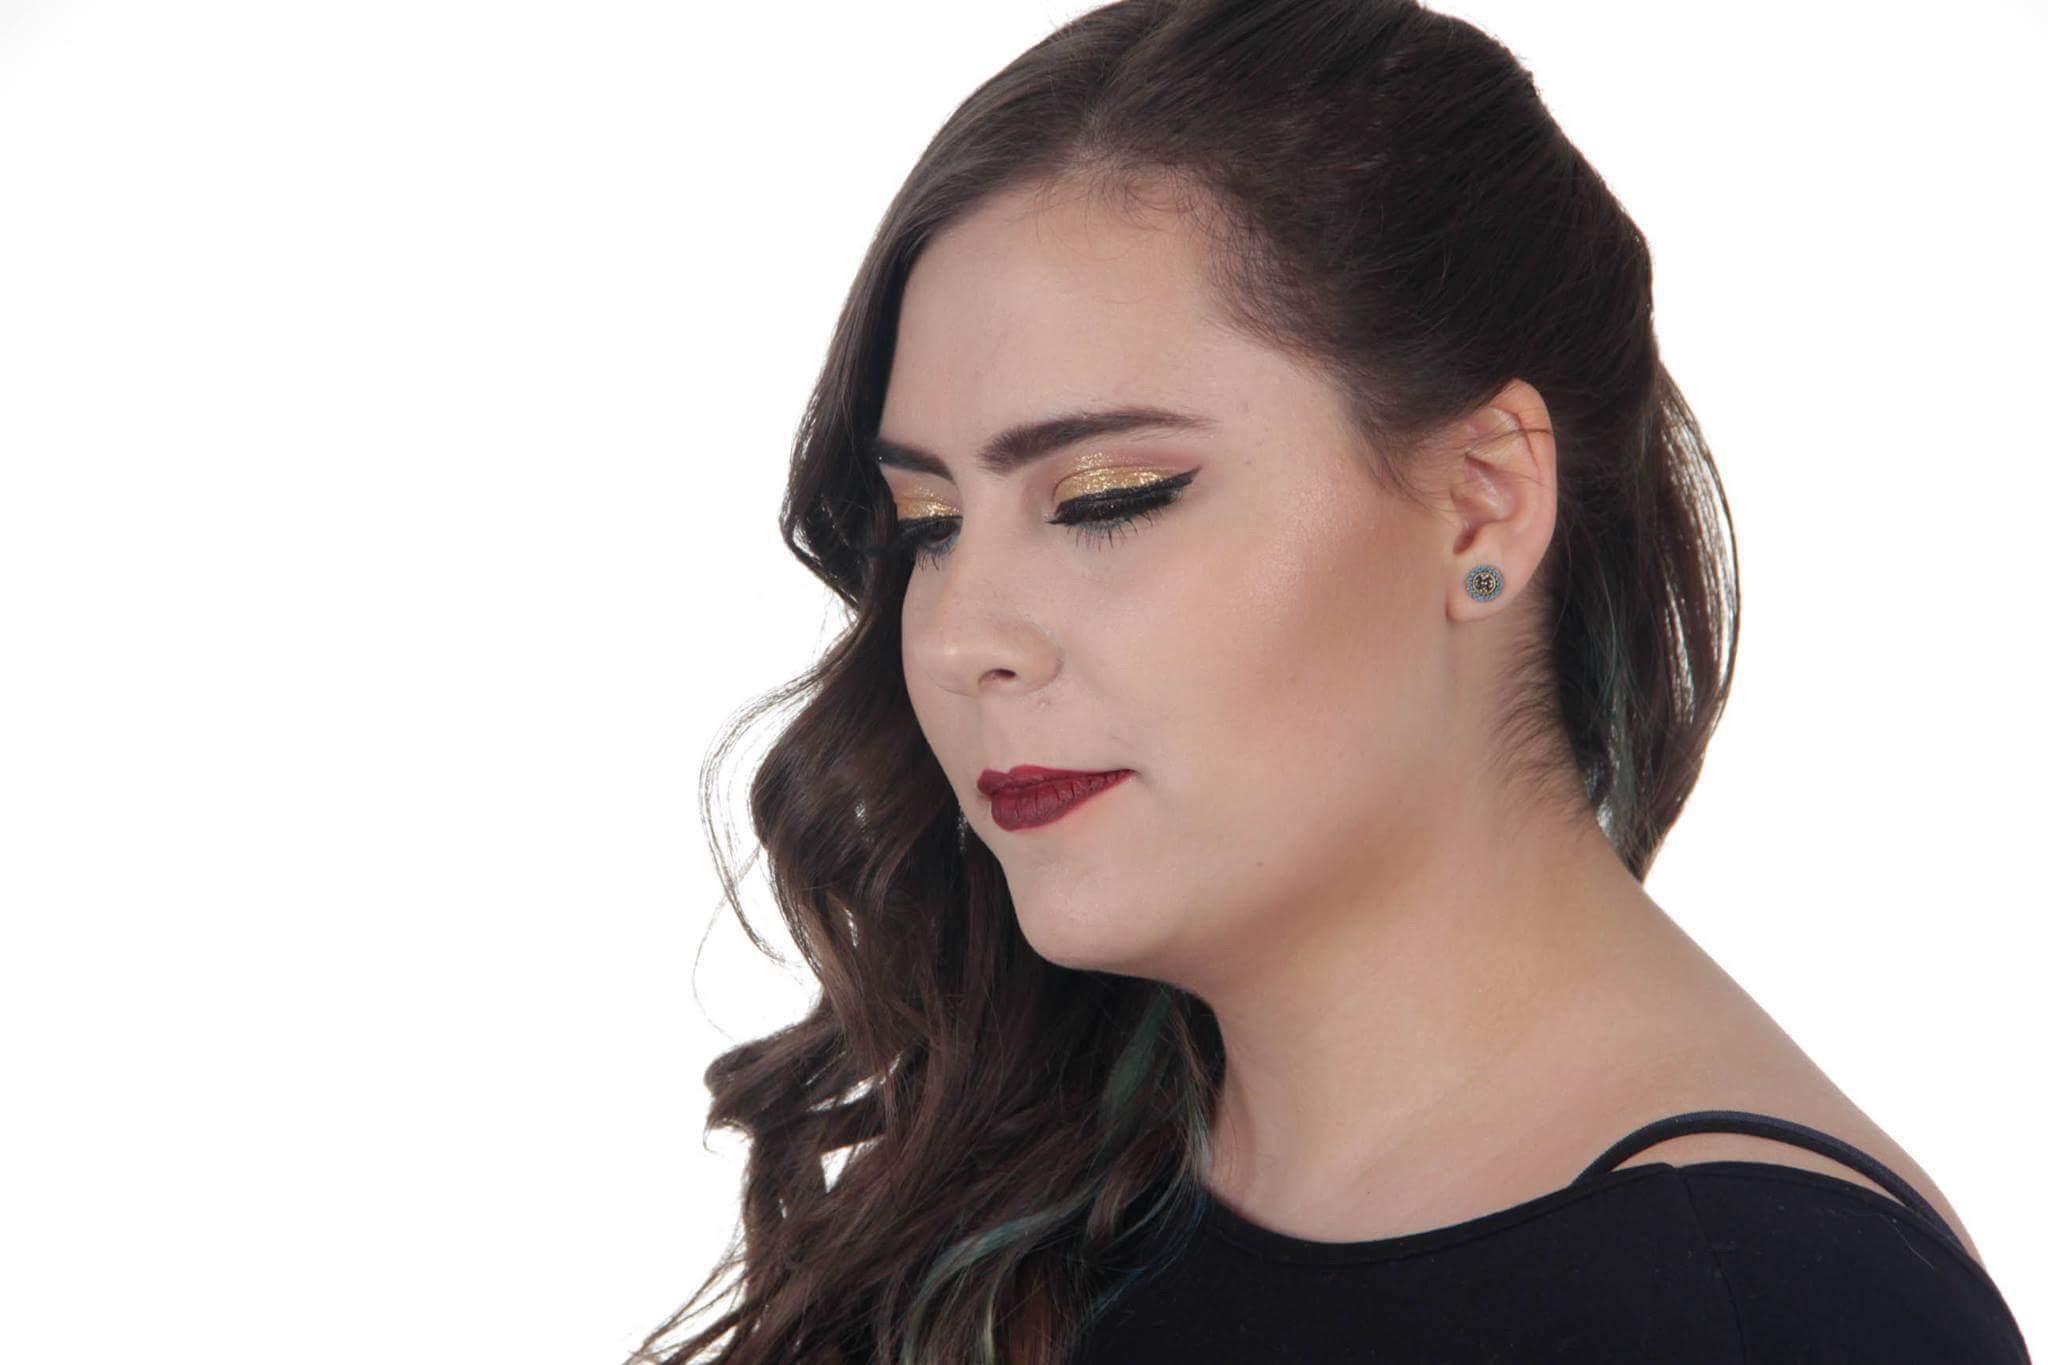 Maquiagem para editorial maquiagem maquiador(a)